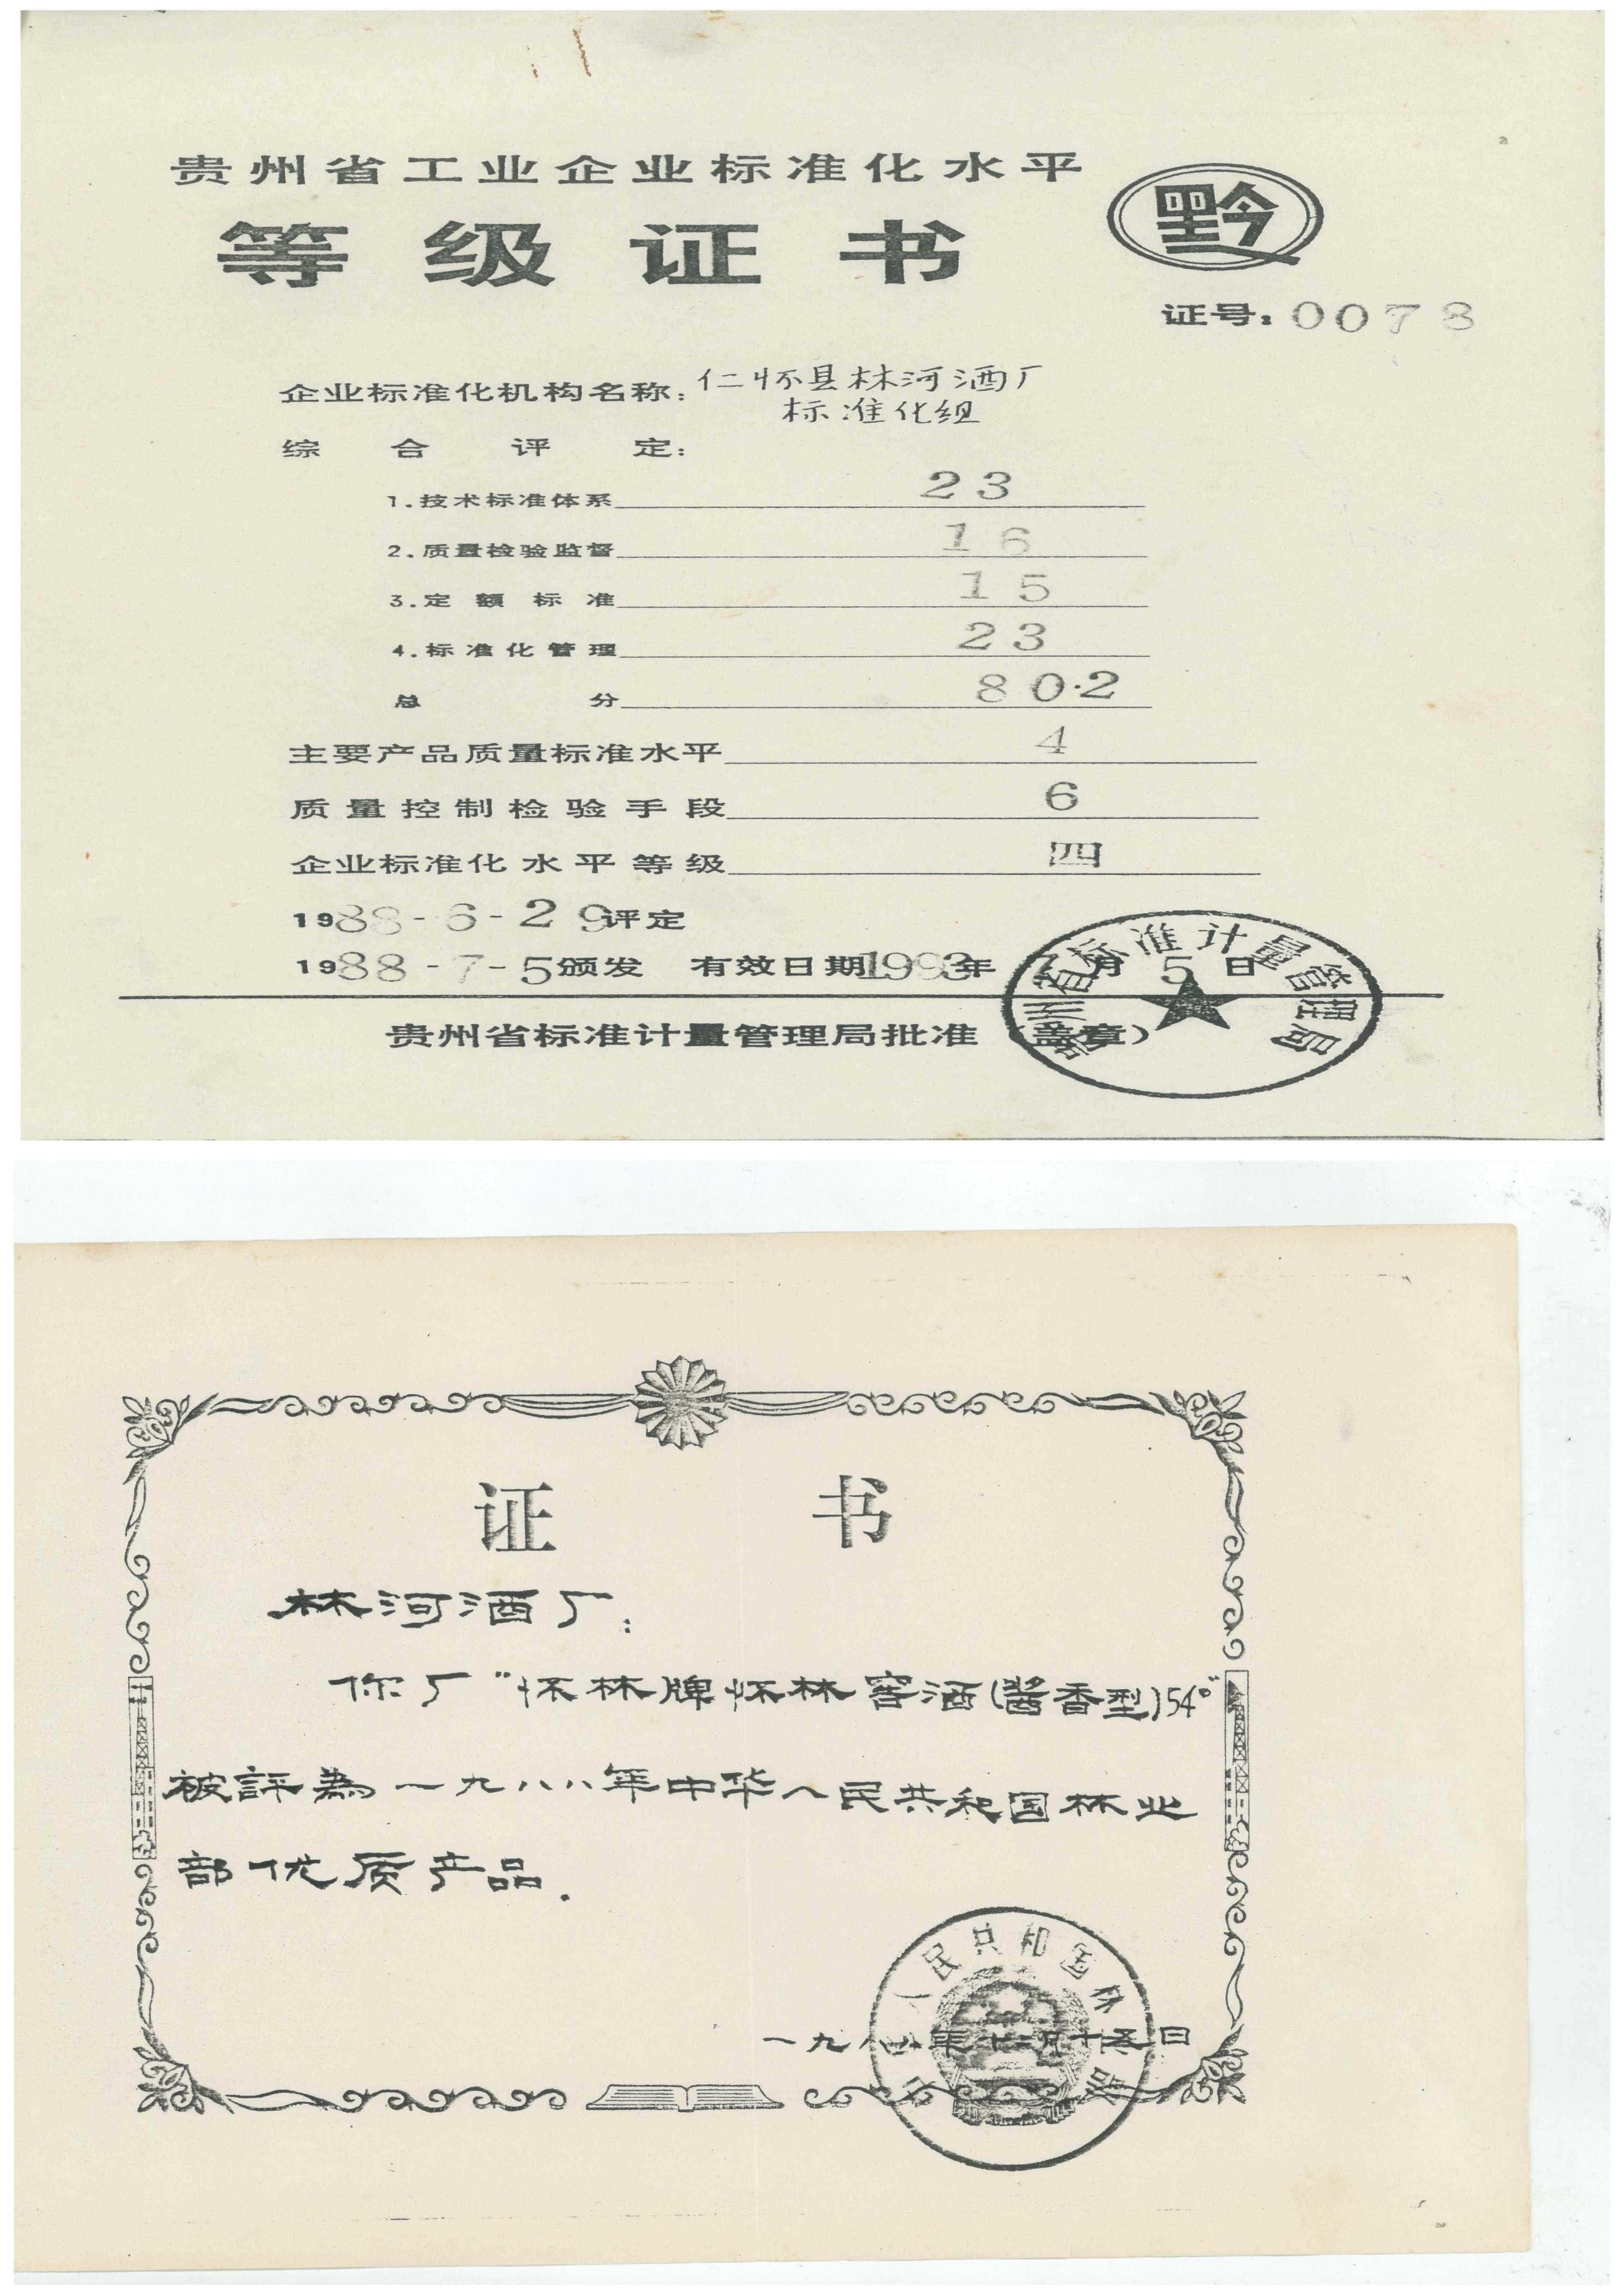 1988年等級證書復